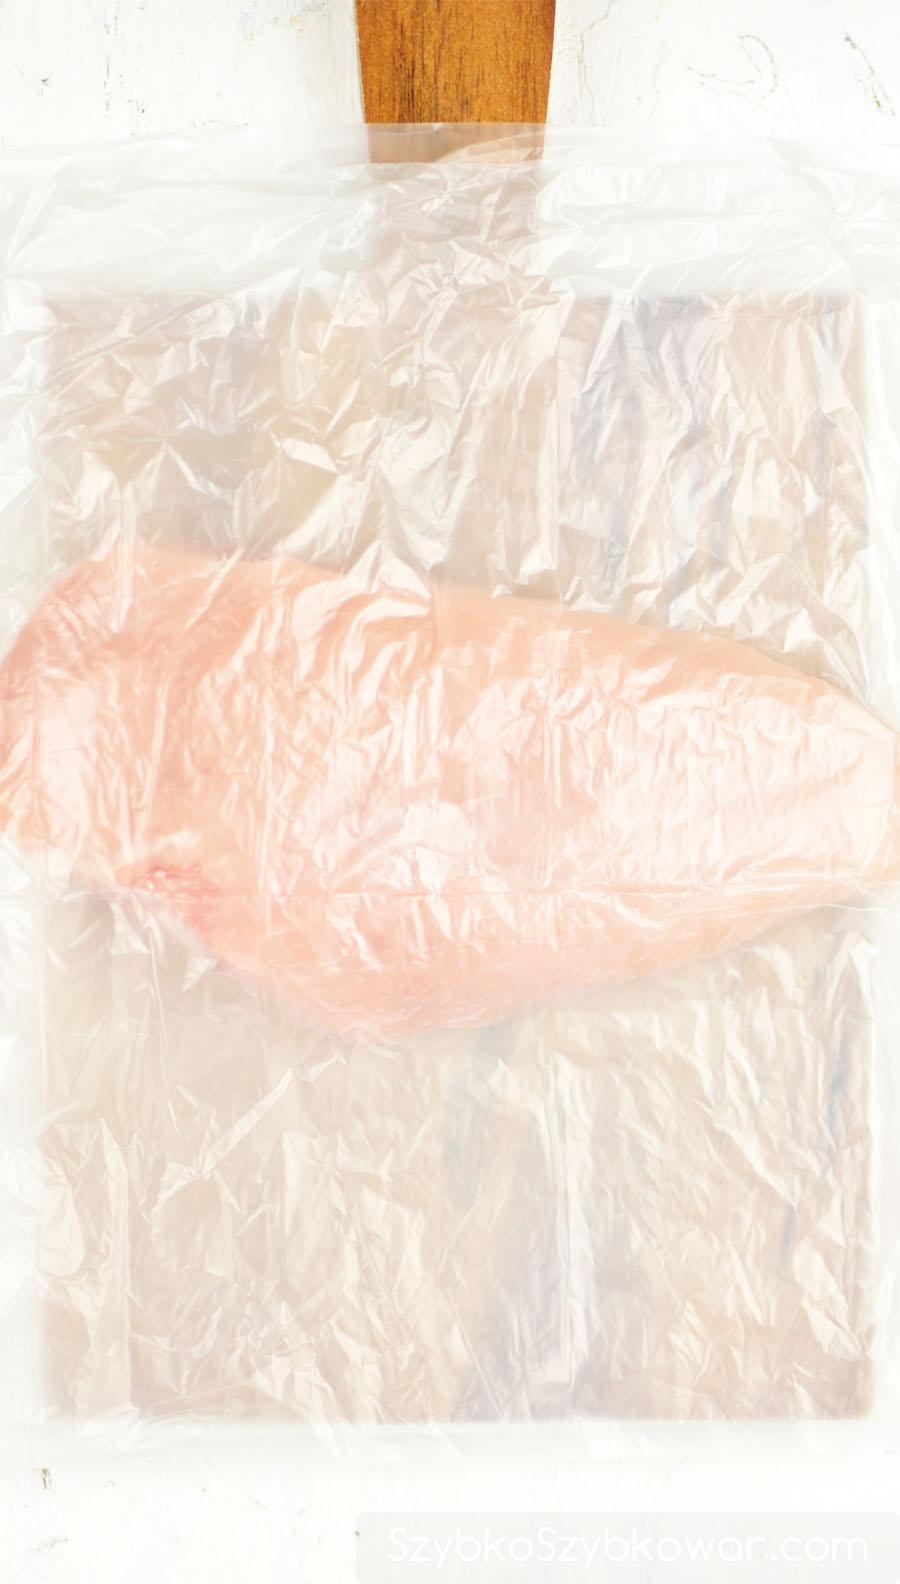 Ułóż na wierzchu filetu drobiowego woreczek foliowy. Od tego momentu nie dotykaj filetu bezpośrednio dłonią.